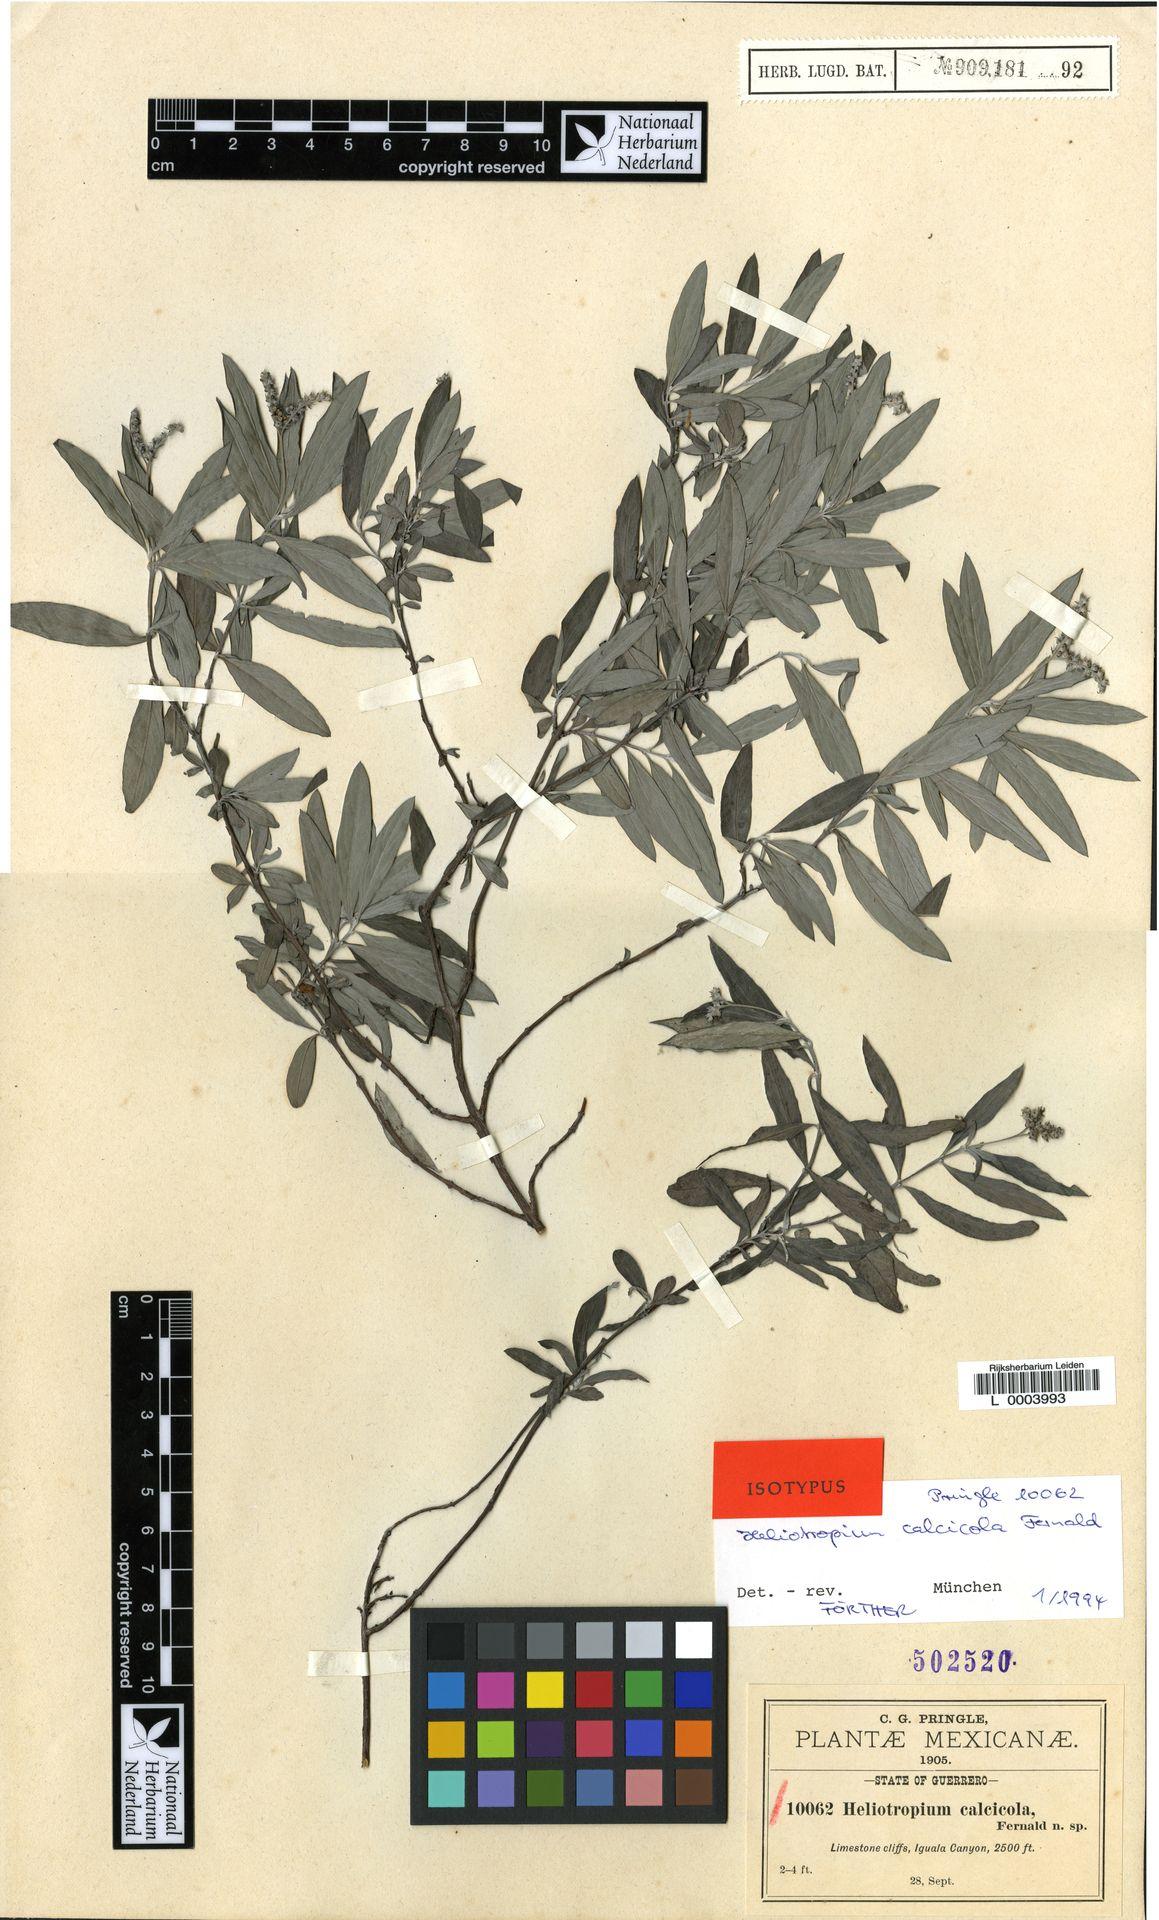 L  0003993 | Heliotropium calcicola Fernald